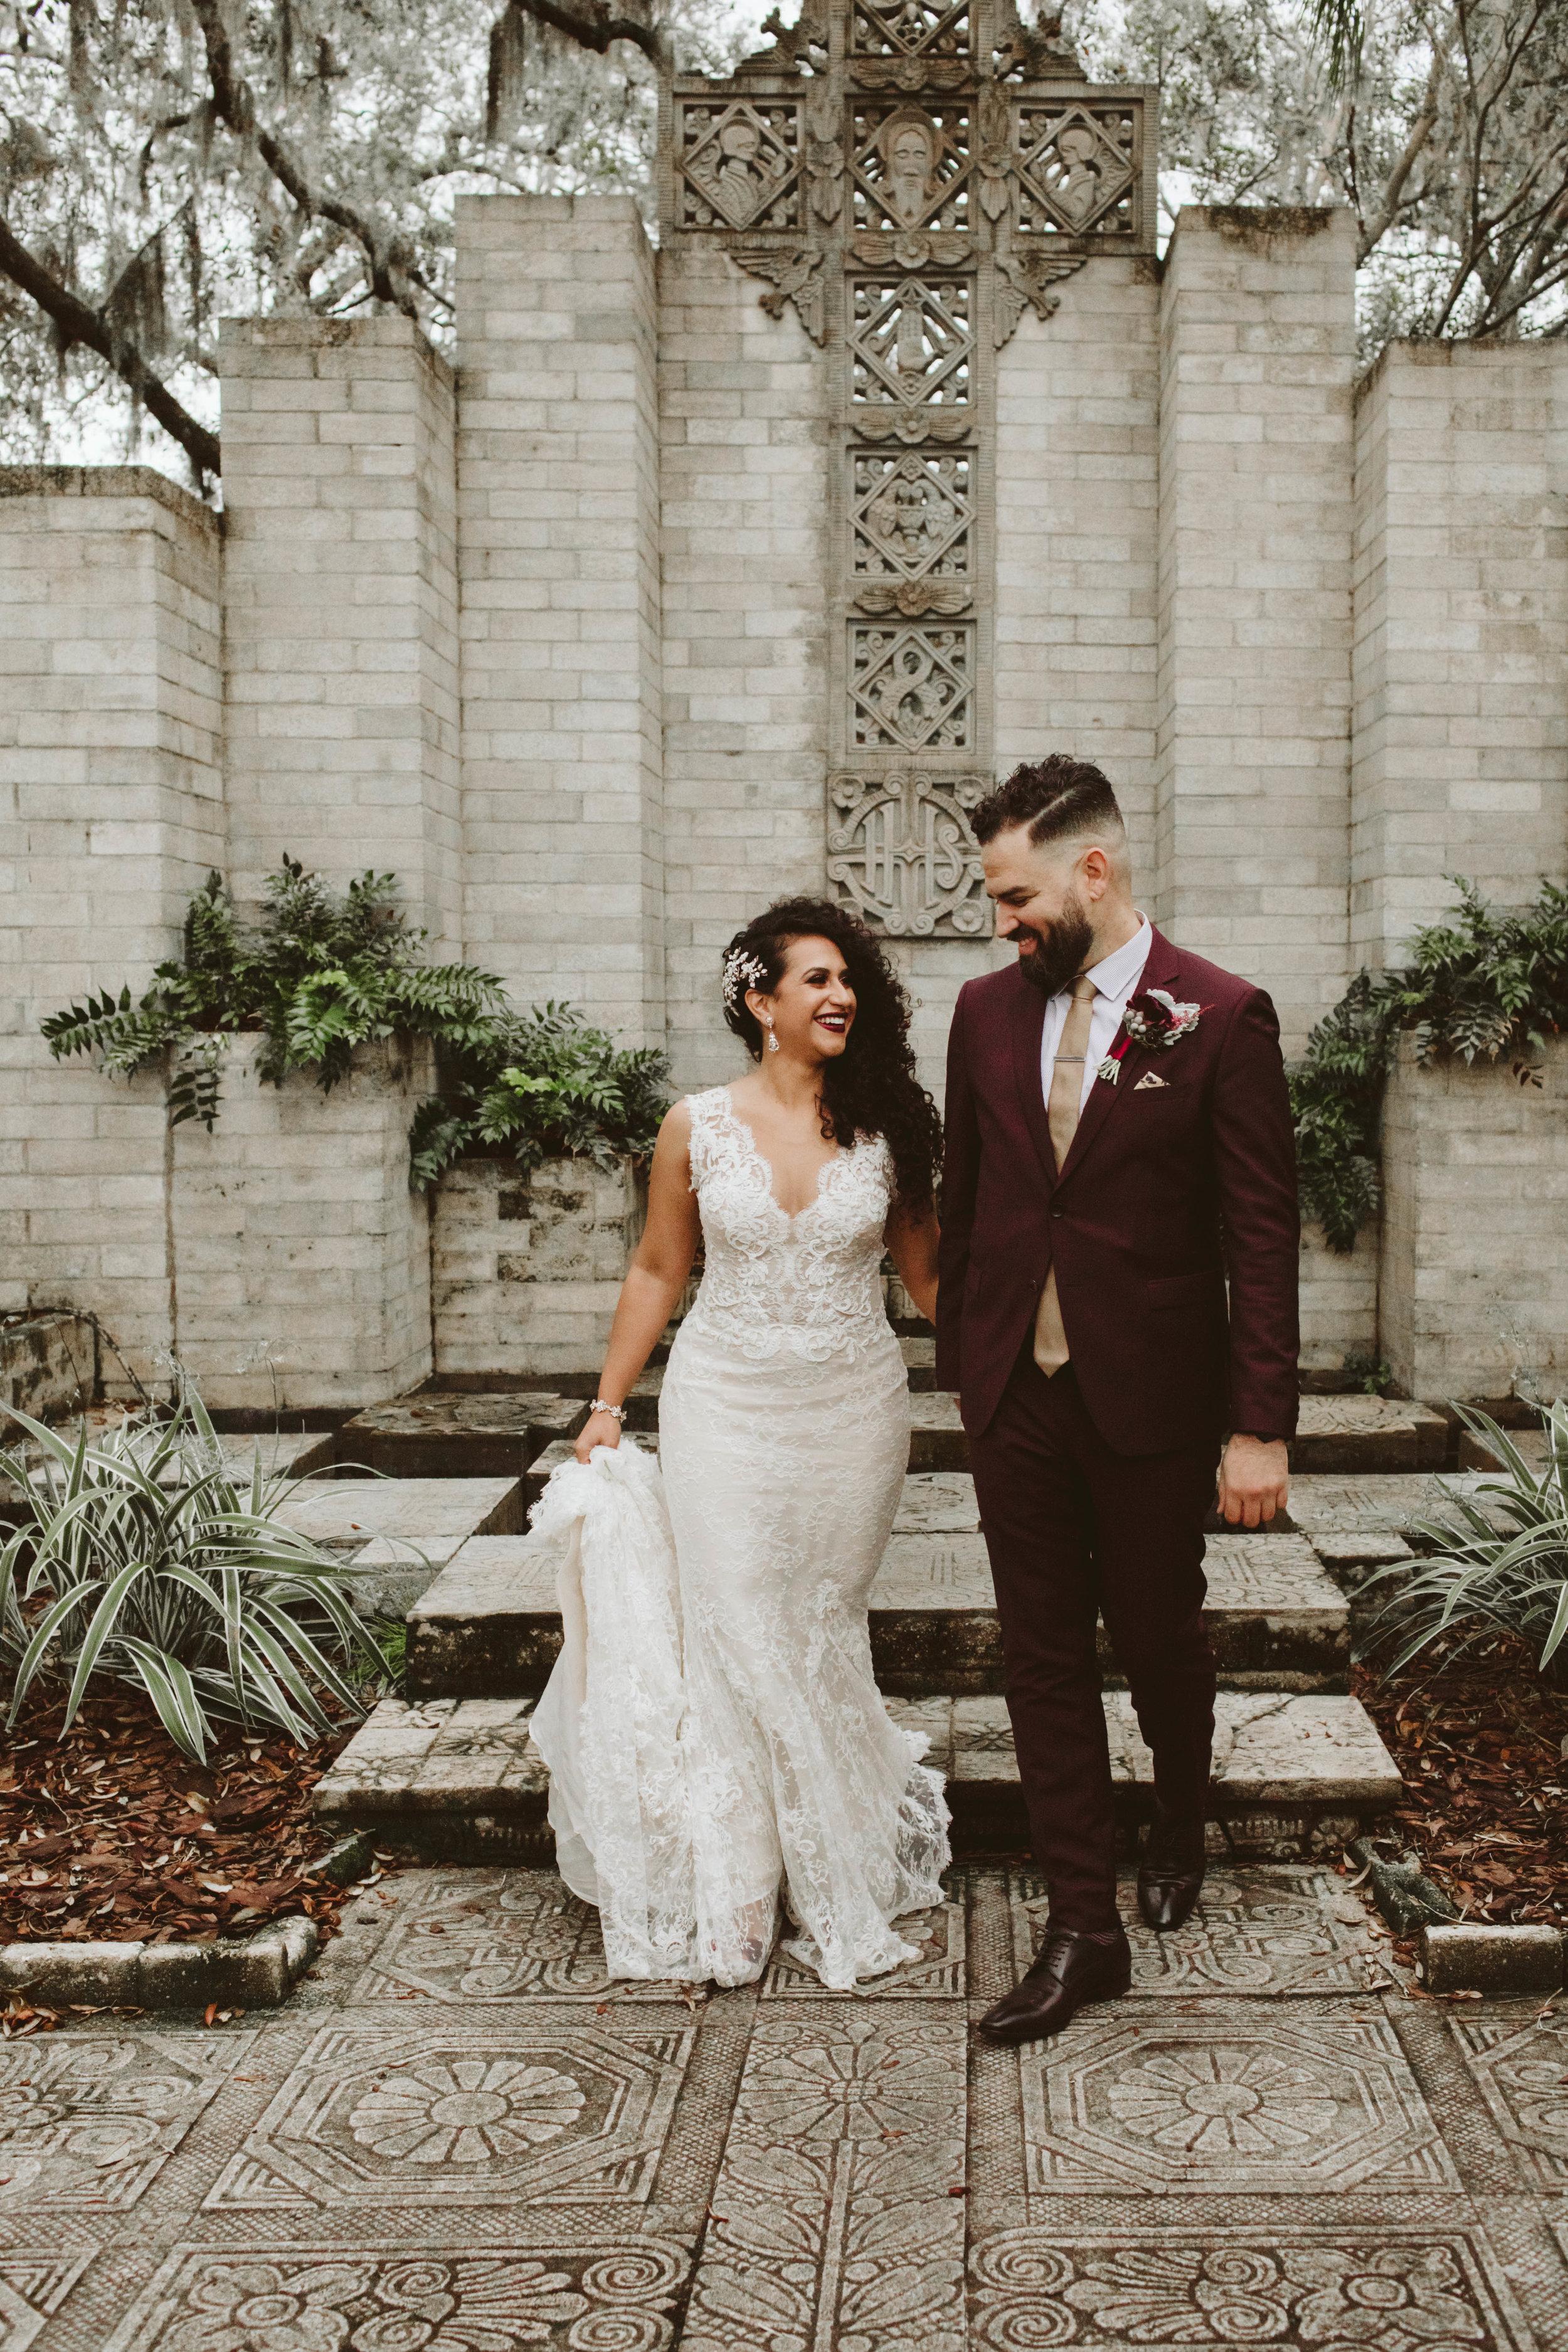 Wedding | Maitland Arts Center | Chepe and Patty | Vanessa Boy | vanessaboy.com-137.jpg